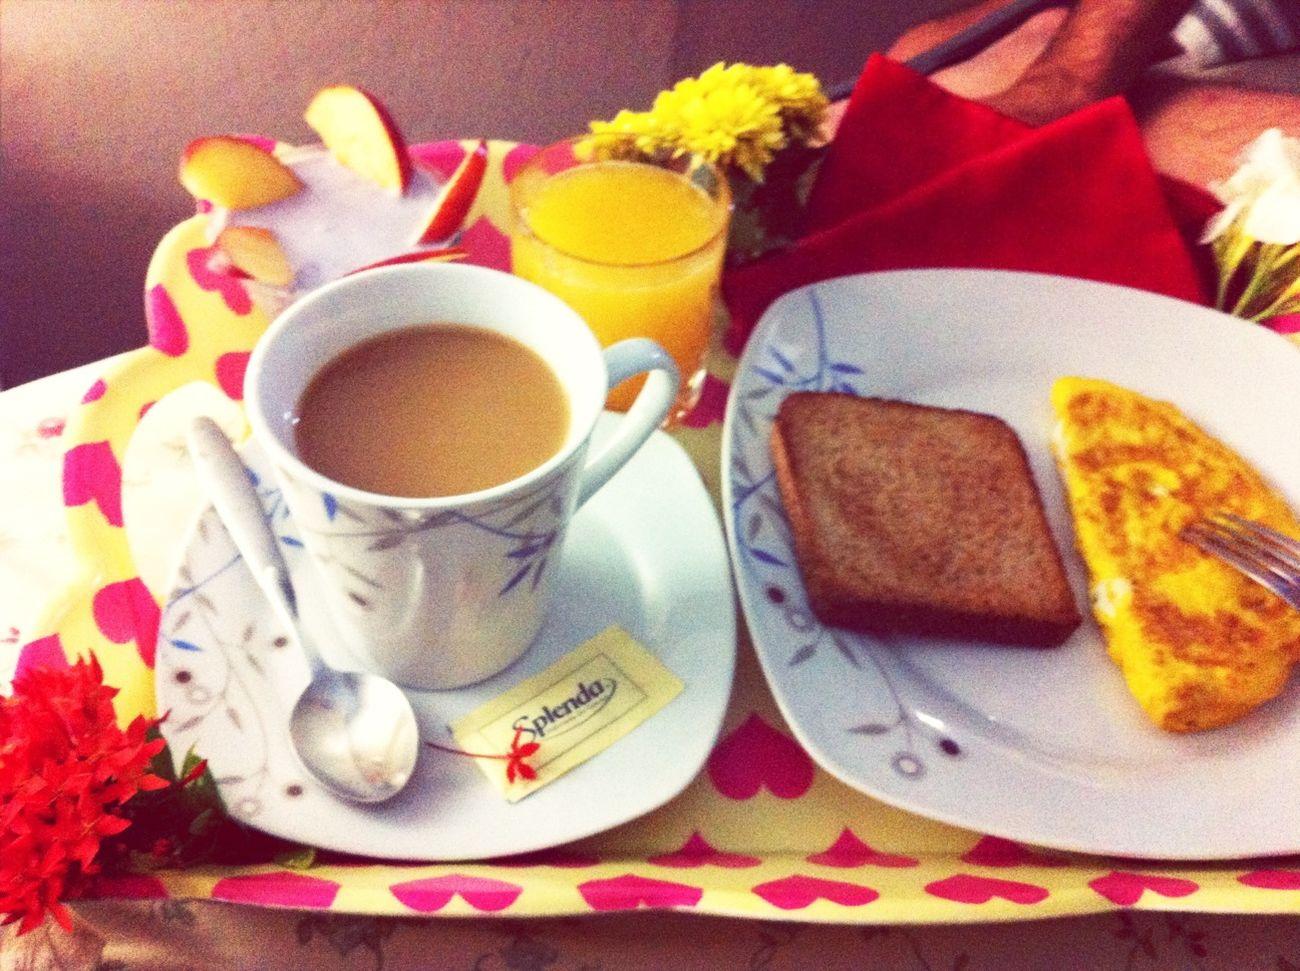 Breakfast On Bed❤